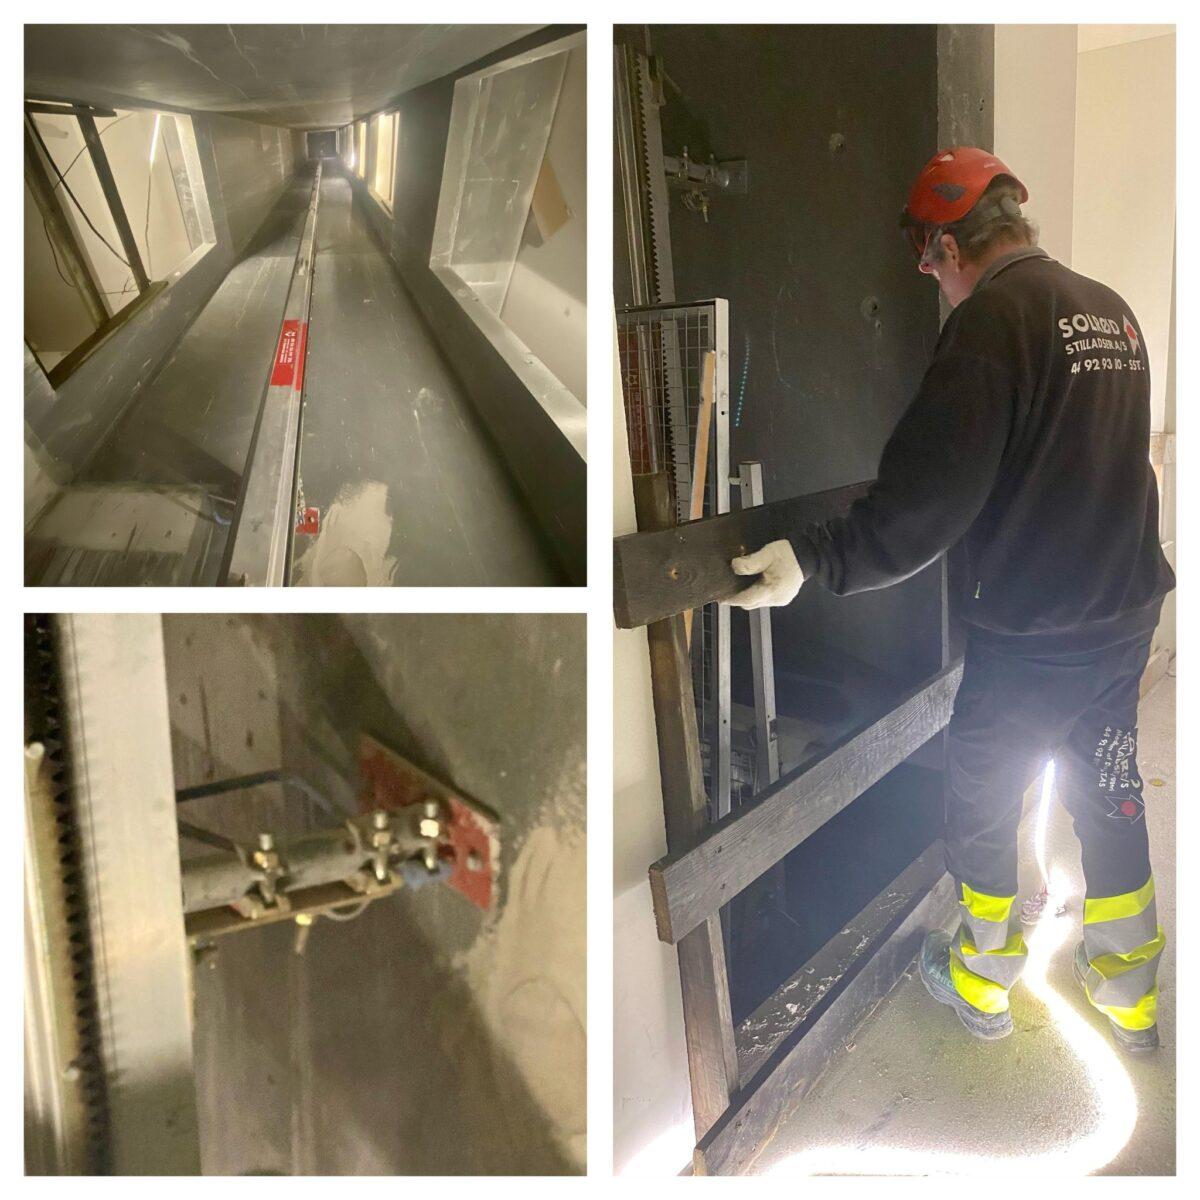 Fjerner alle låger – sætter derfor afskærmende brædder/faldsikring for alle skaktåbninger af sikkerhedshensyn